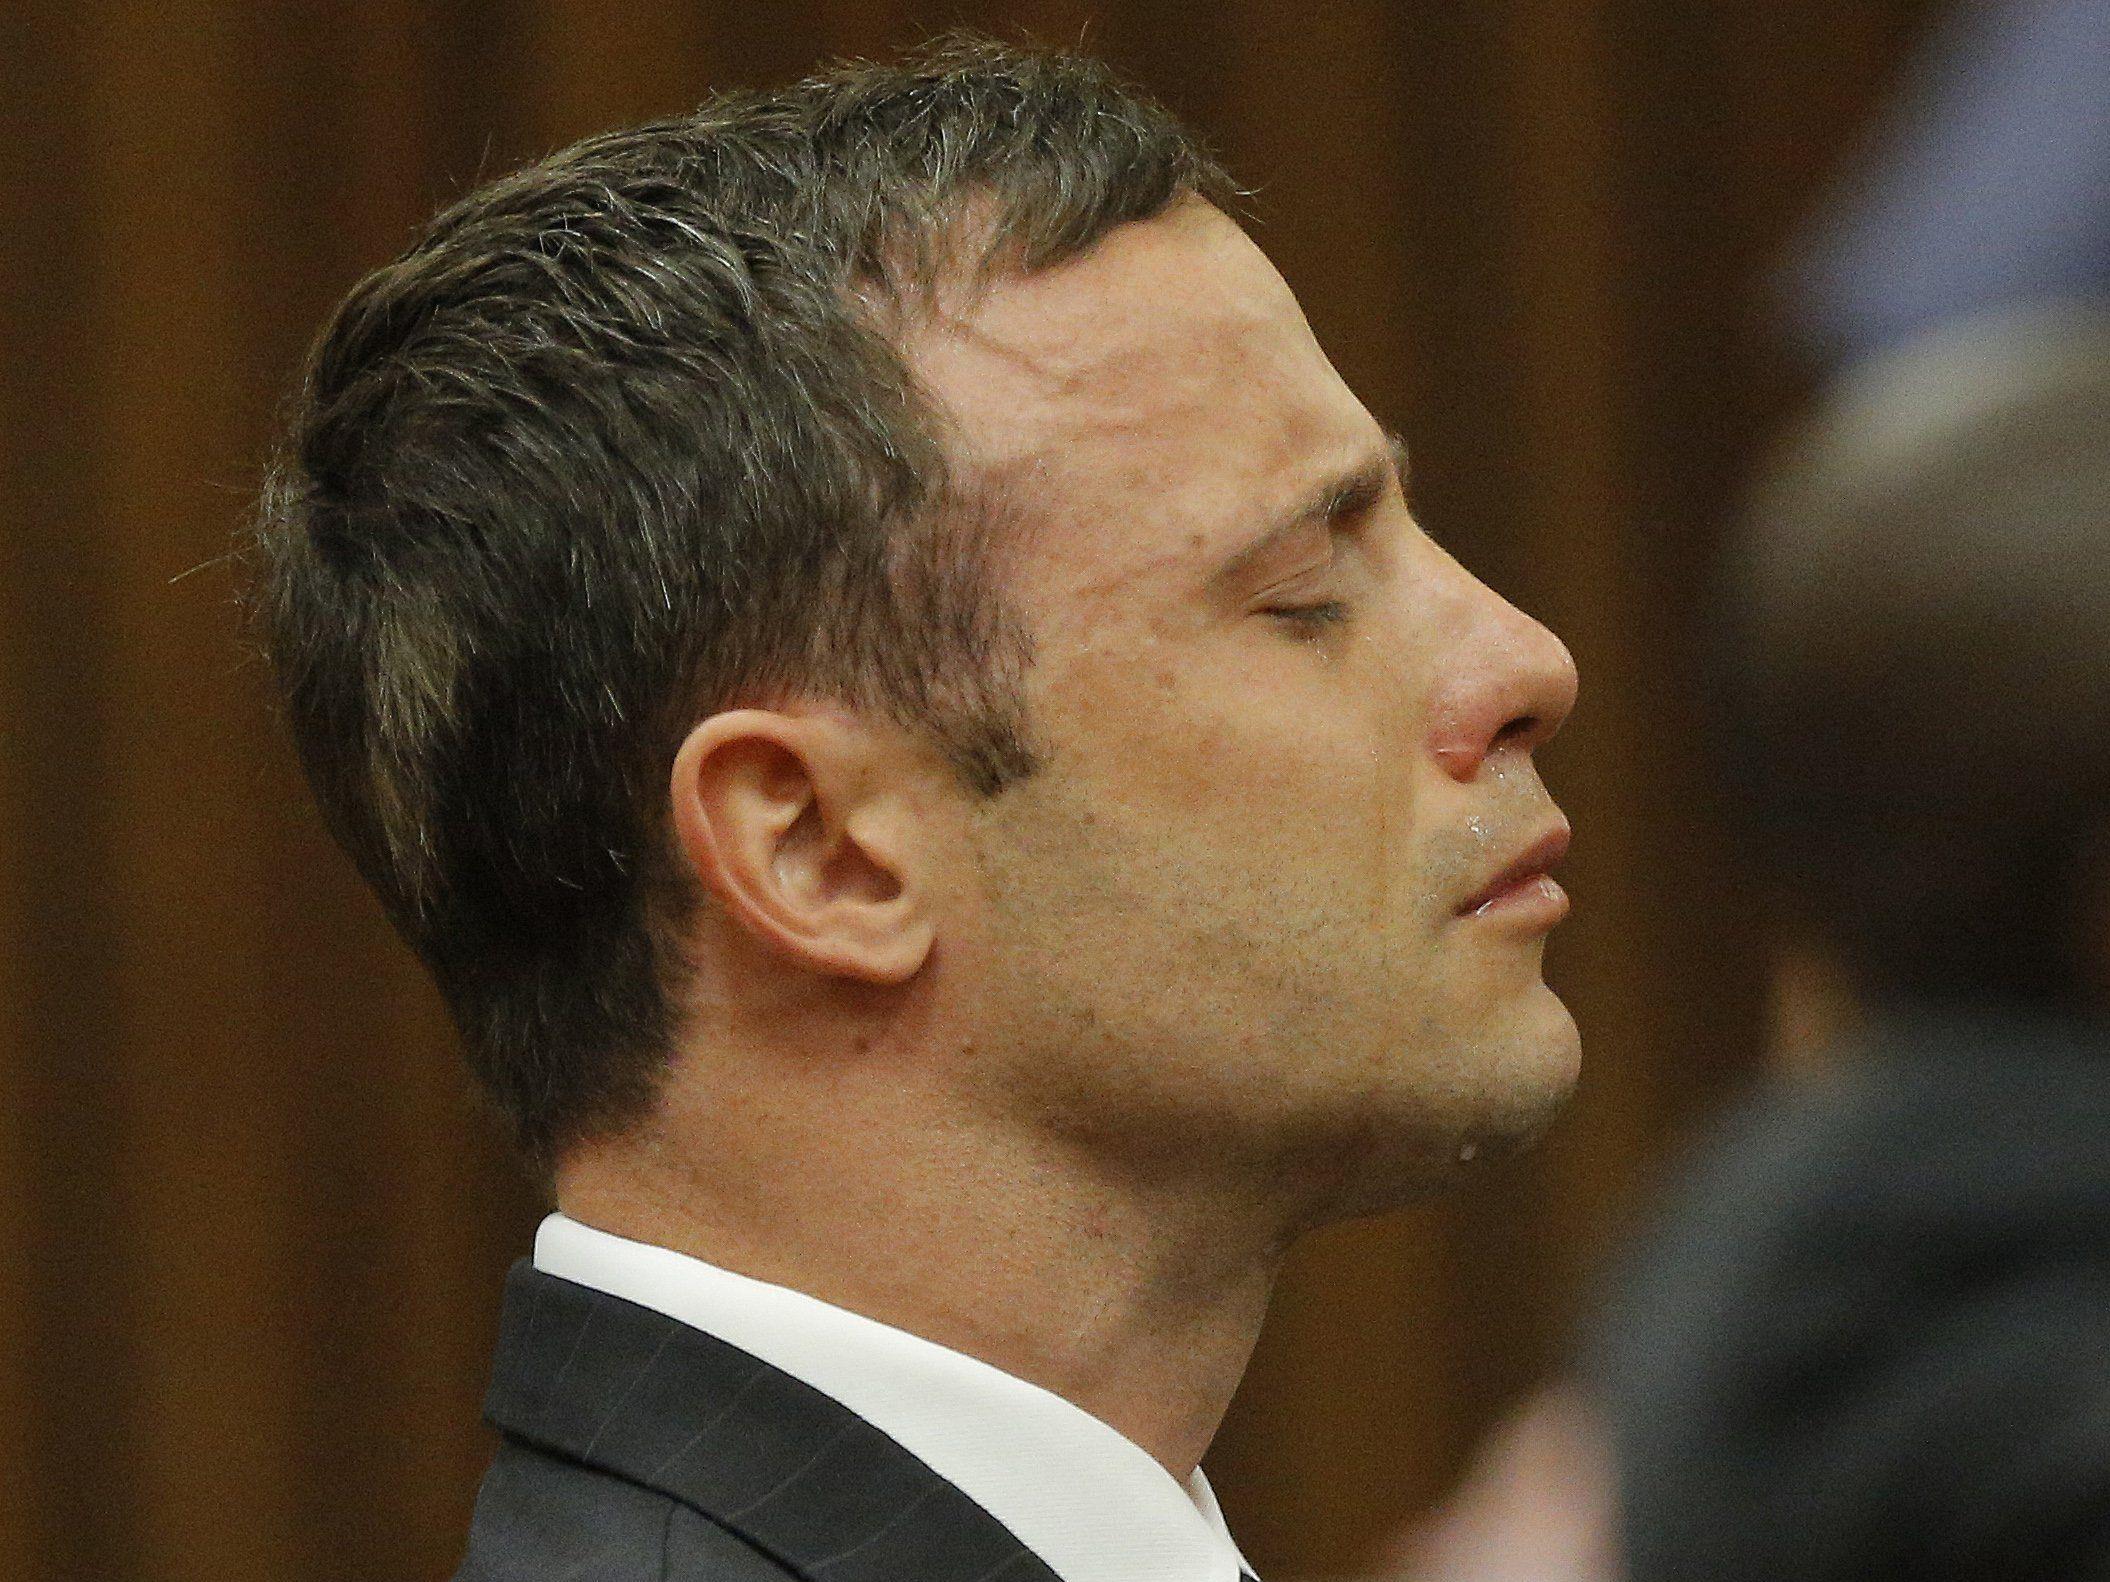 Heute wird das Urteil im Pistorius-Prozess erwartet.